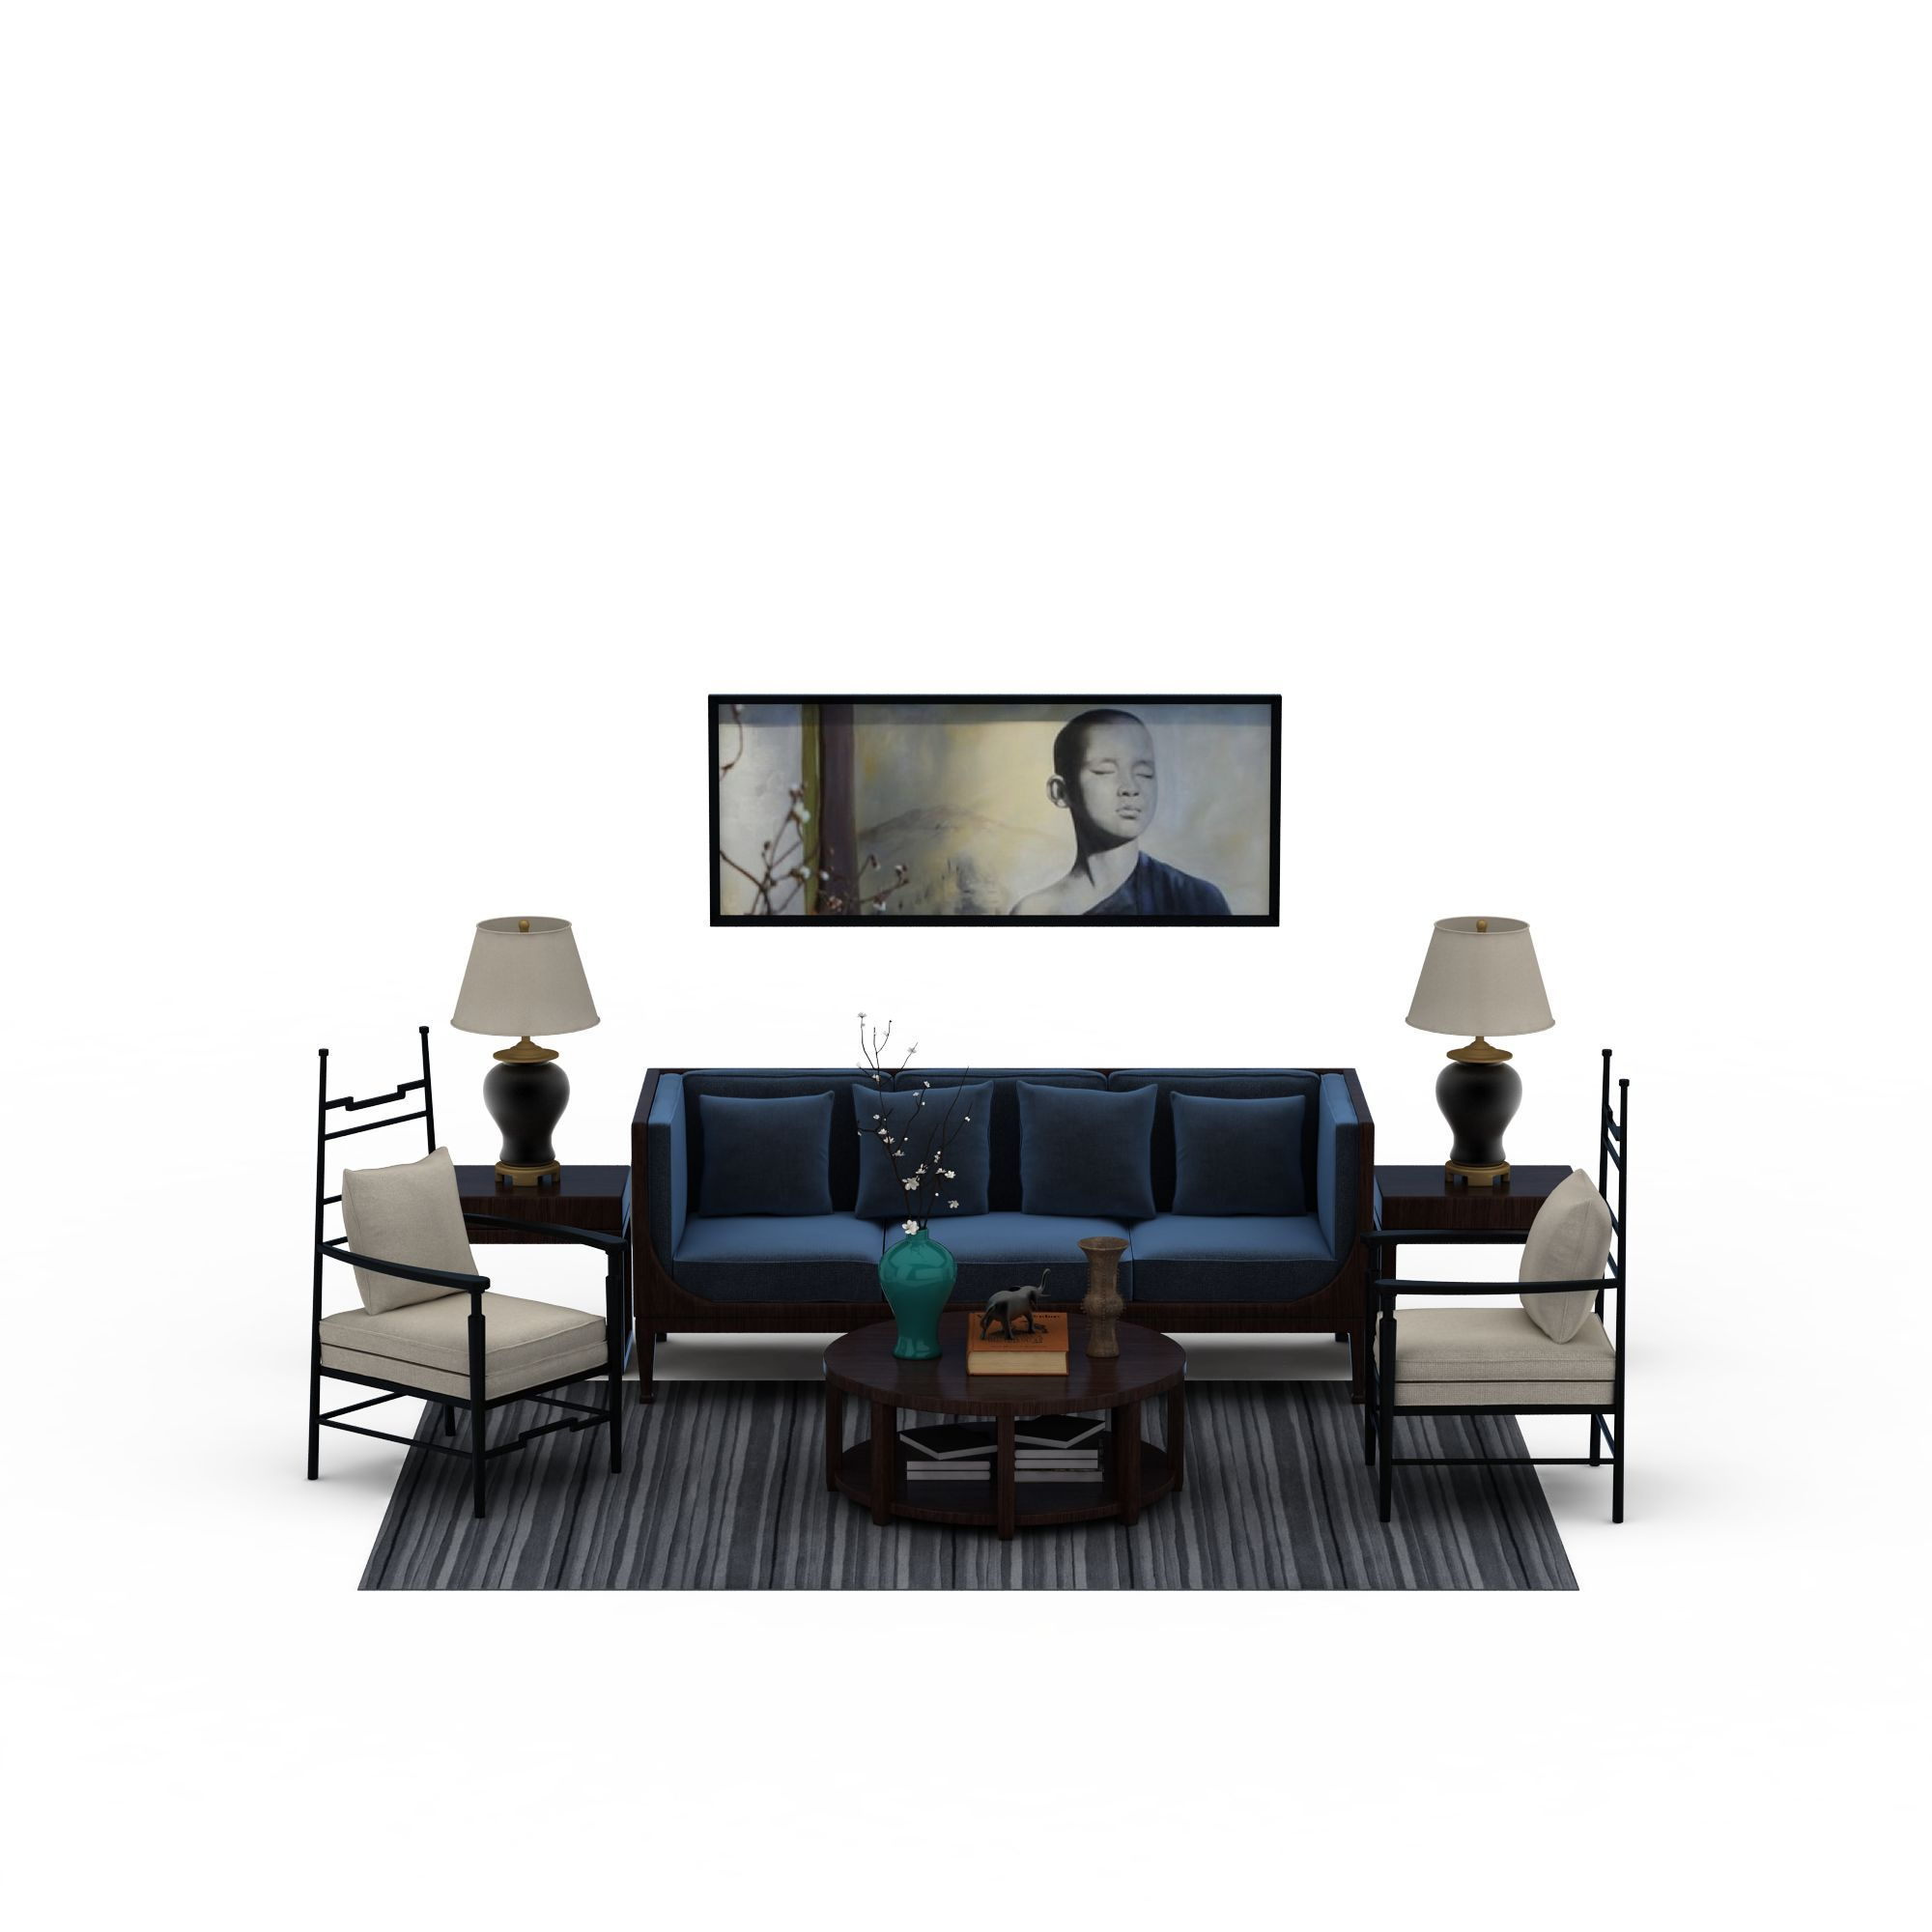 中式沙发茶几组合高清图下载图片